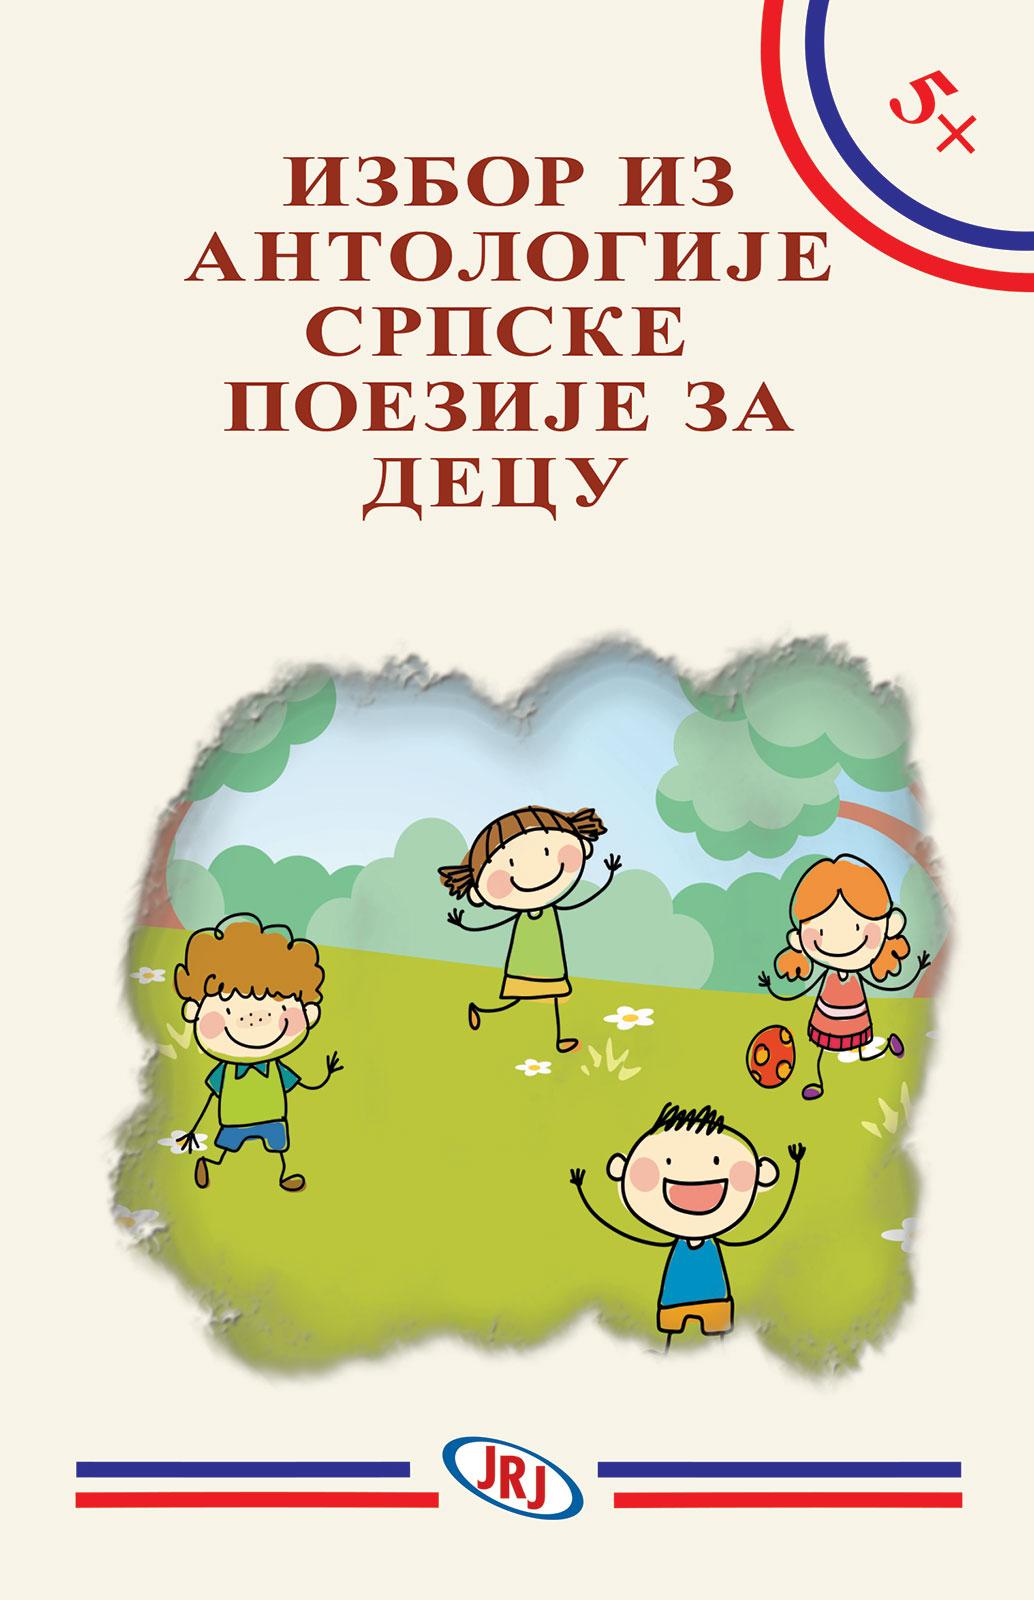 Izbor iz antologije Srpske poezije za decu - lektira